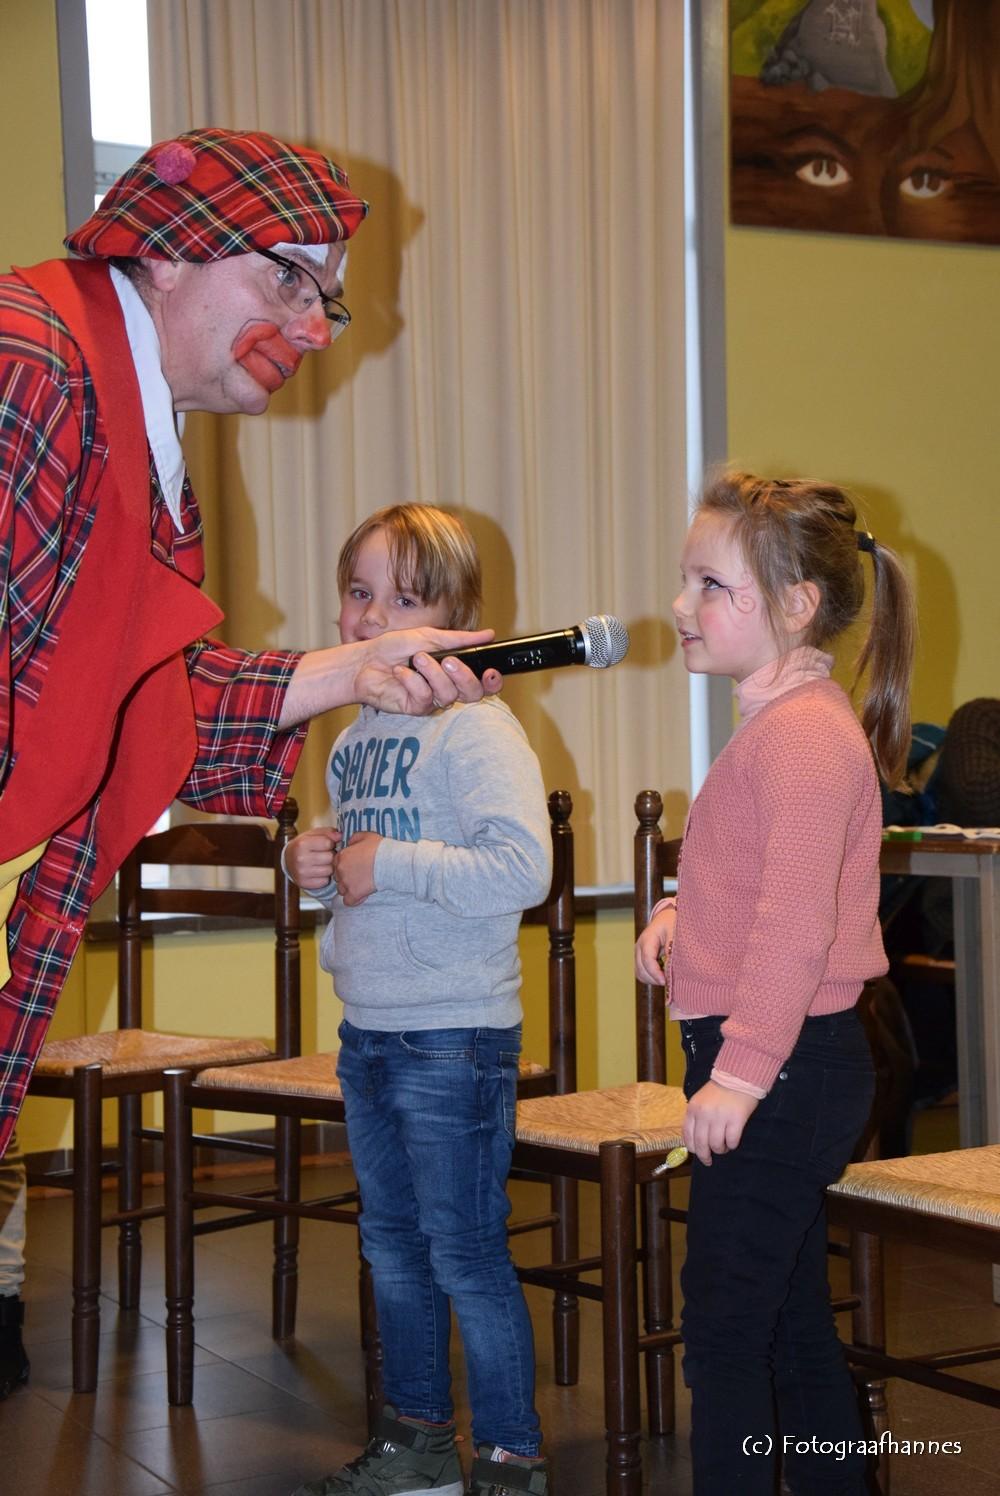 2017-12-03 Sinterklaas Feest Verloren Hoek 2017 (4)